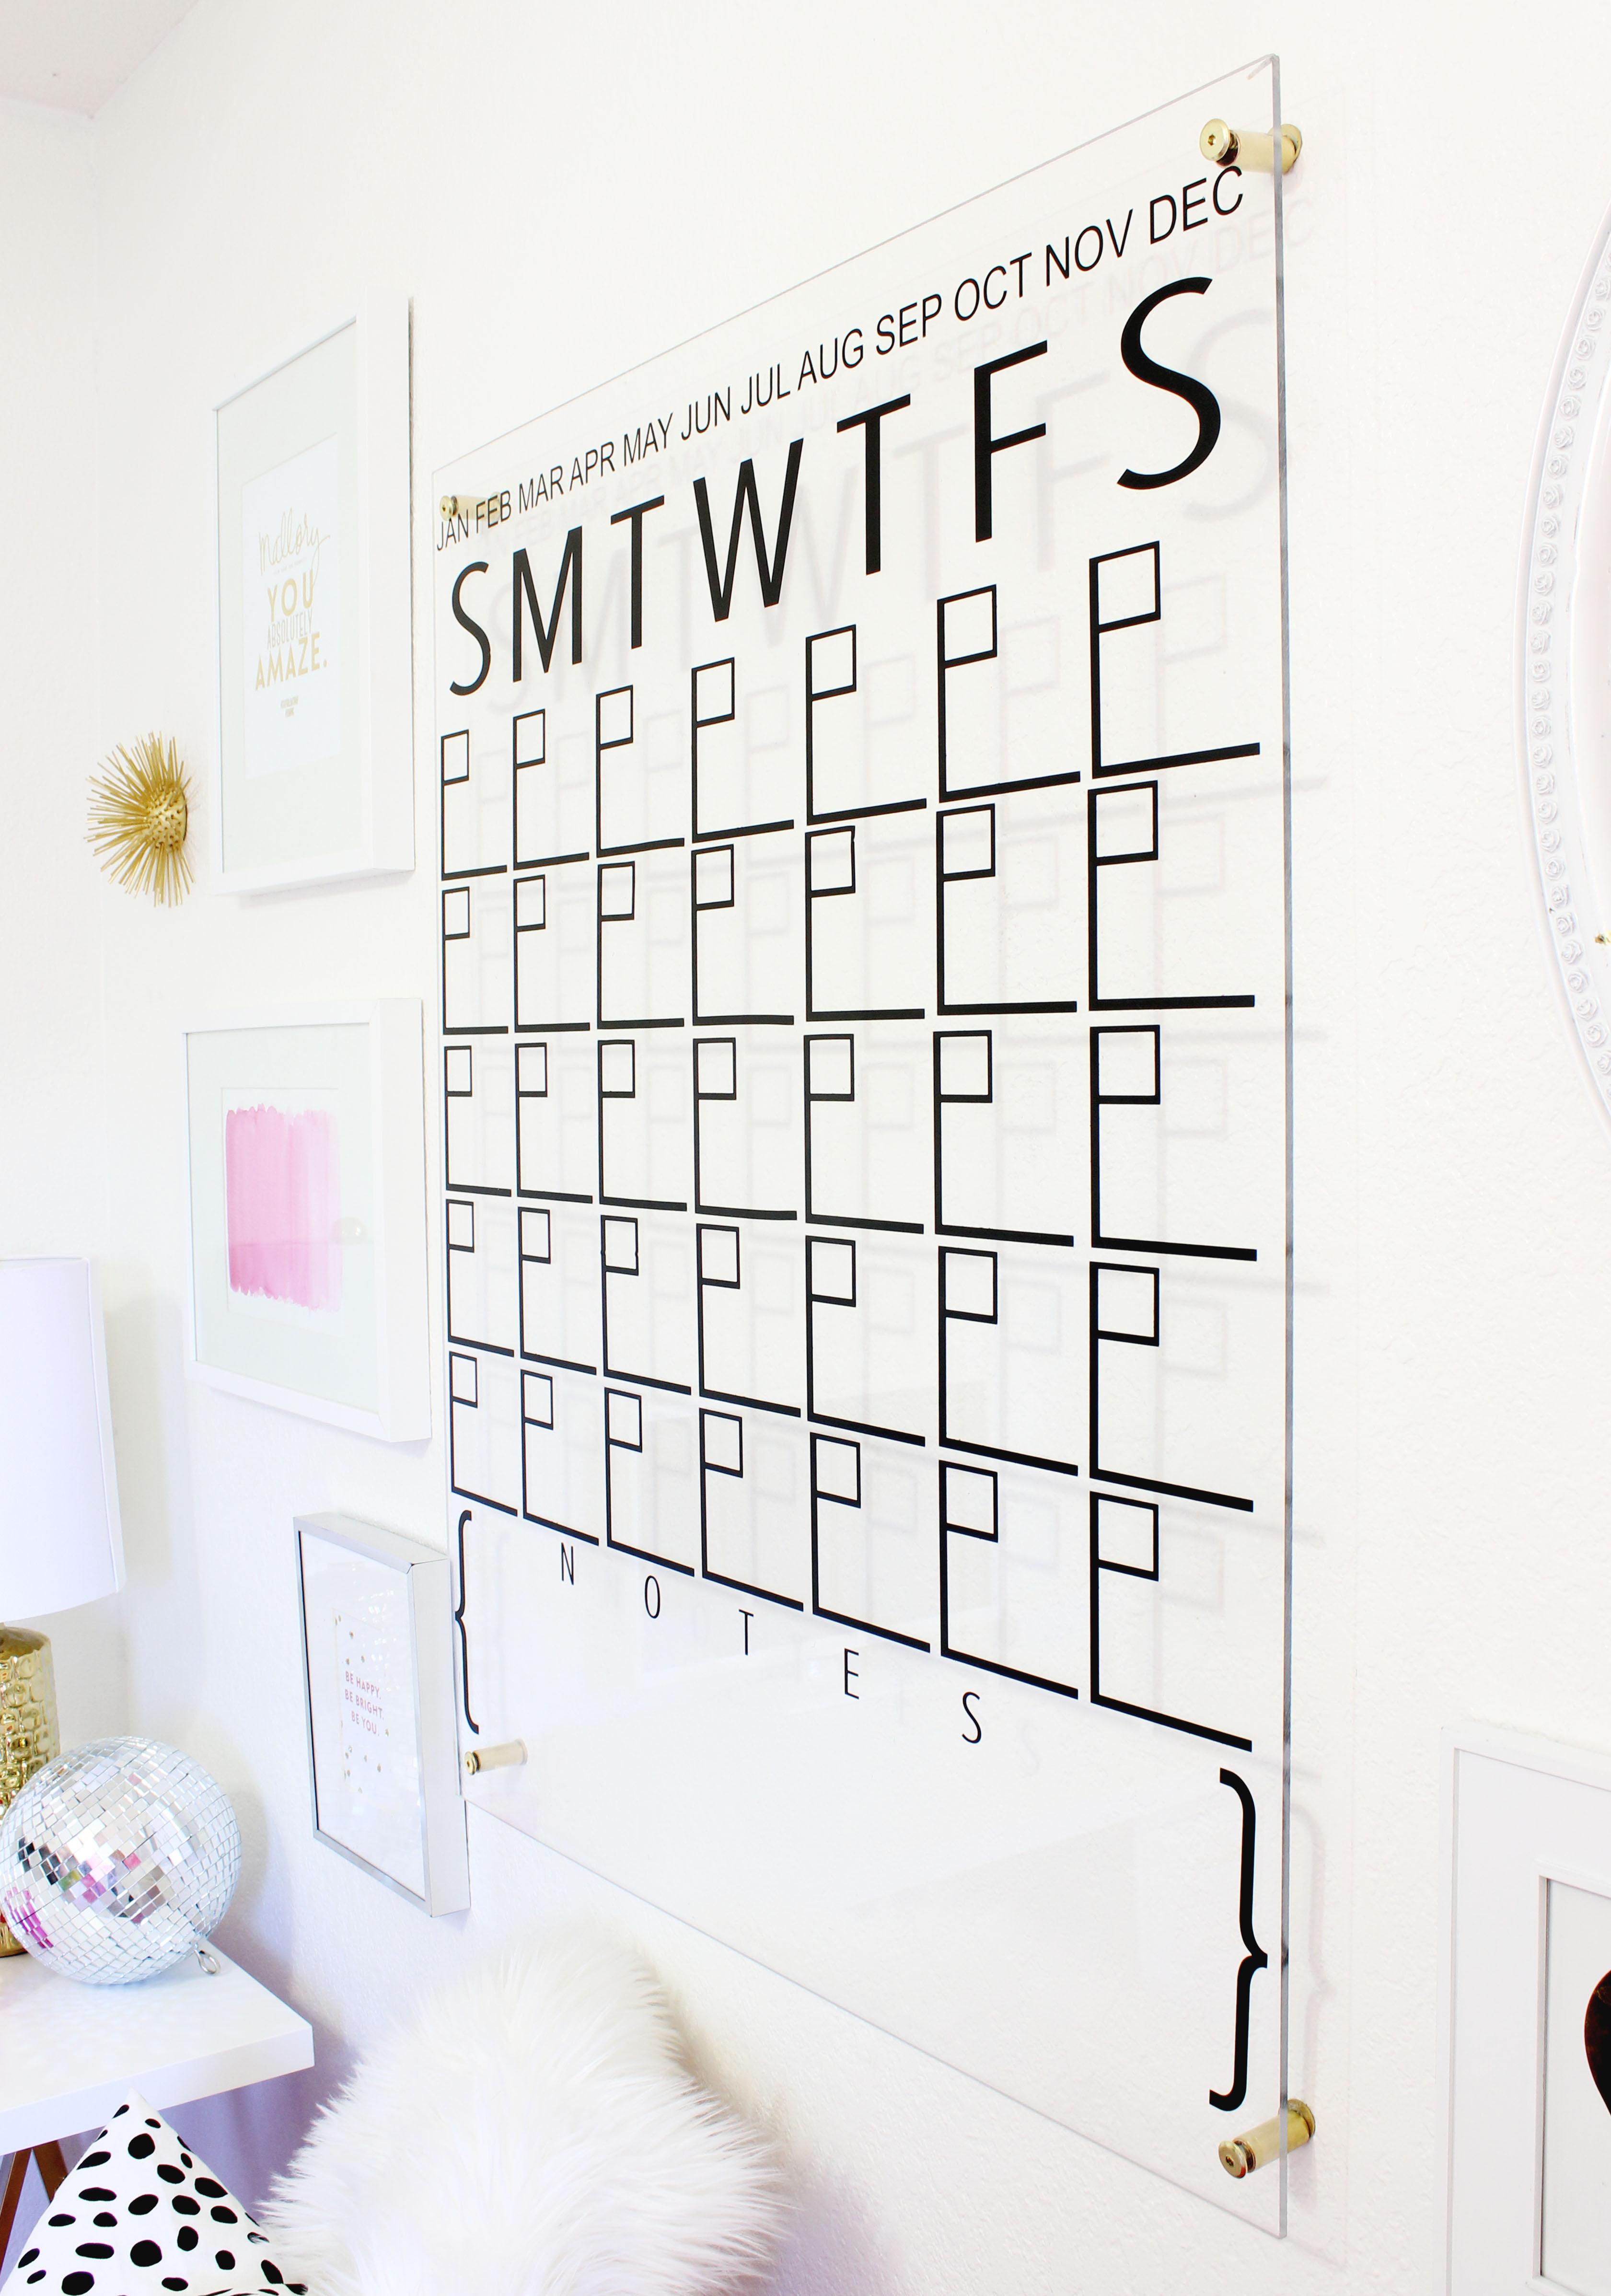 Diy Calendar Laurdiy : Diy acrylic calendar a beautiful mess